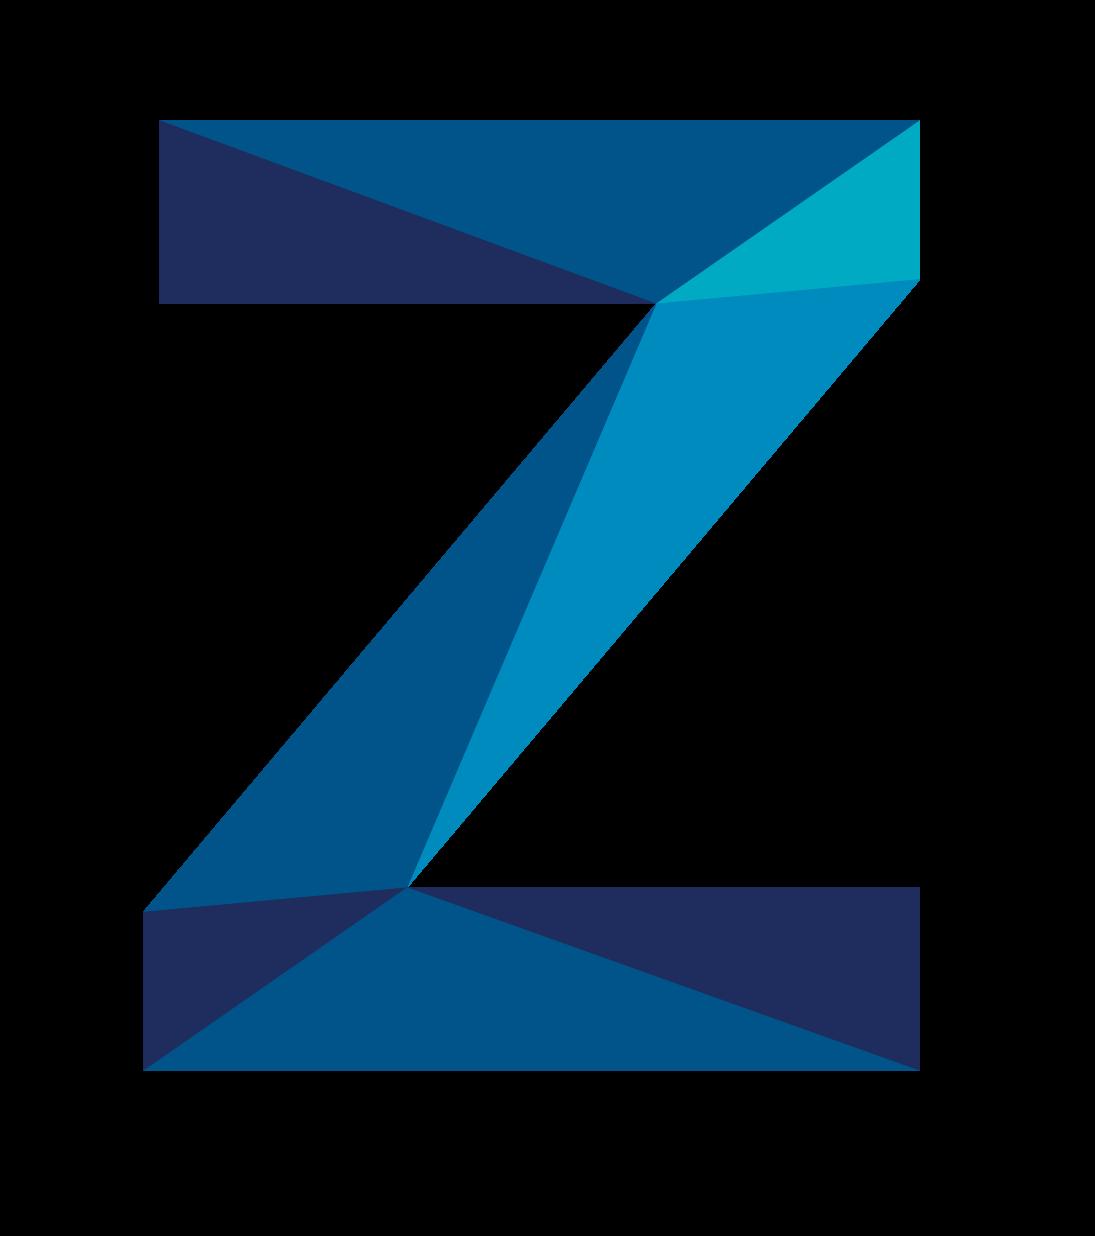 Letter Z PNG Image.